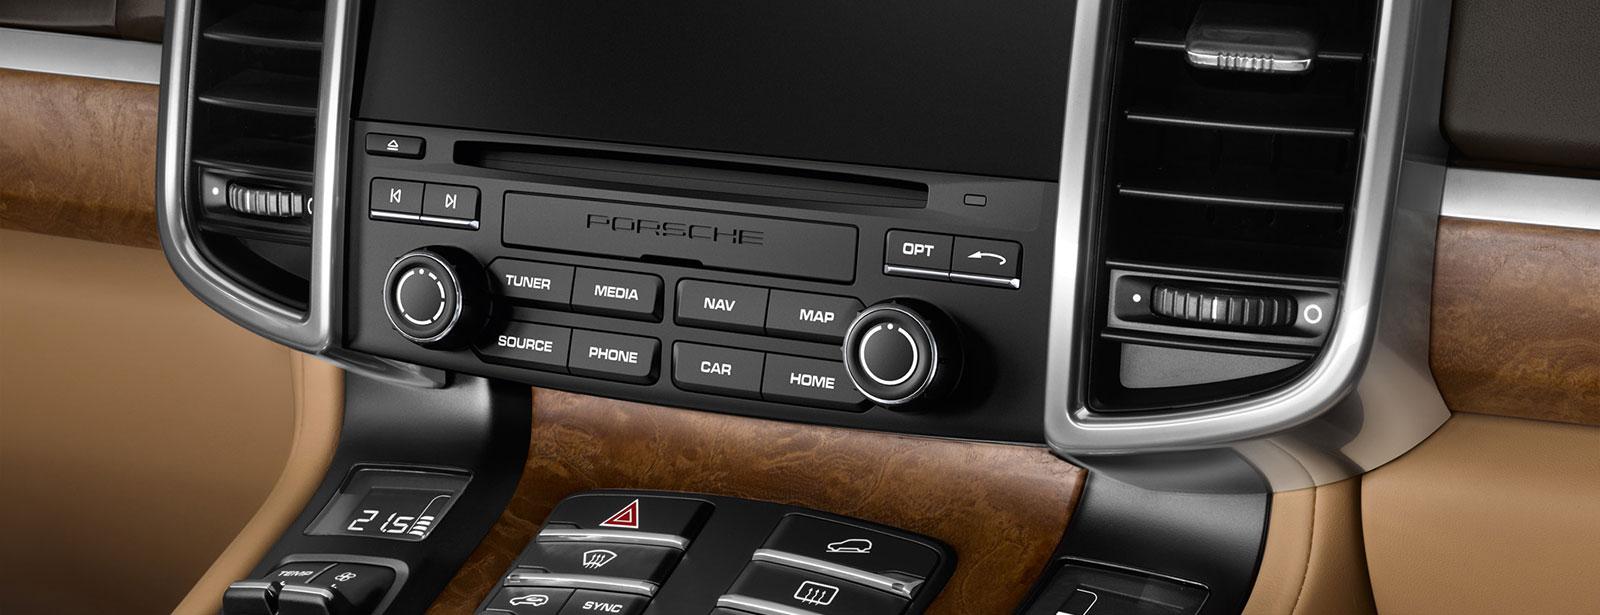 Porsche Klimaanlagen-Check